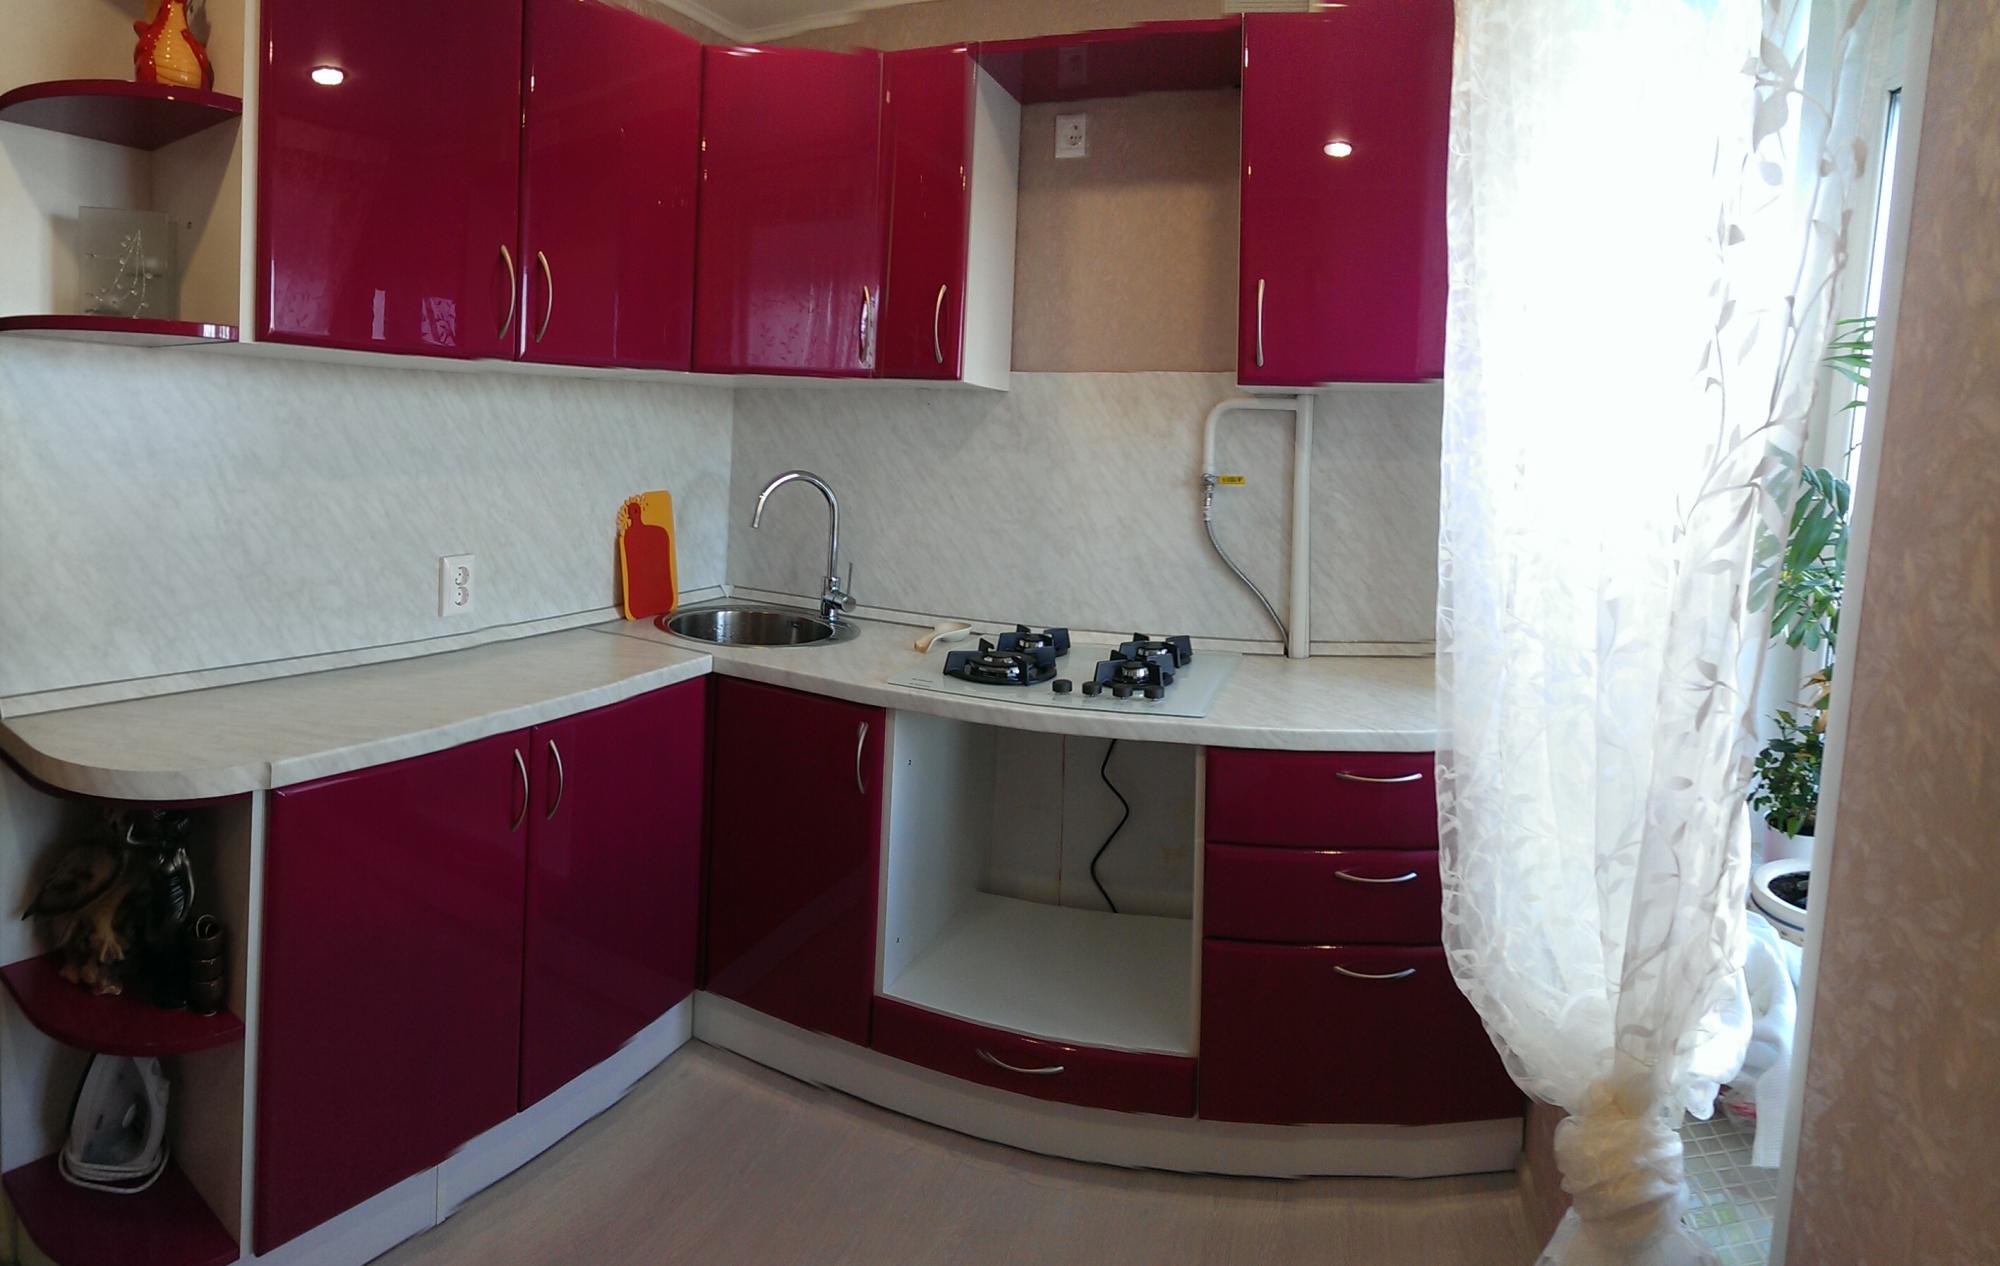 Сделать ремонт на маленькой кухне своими руками фото 728